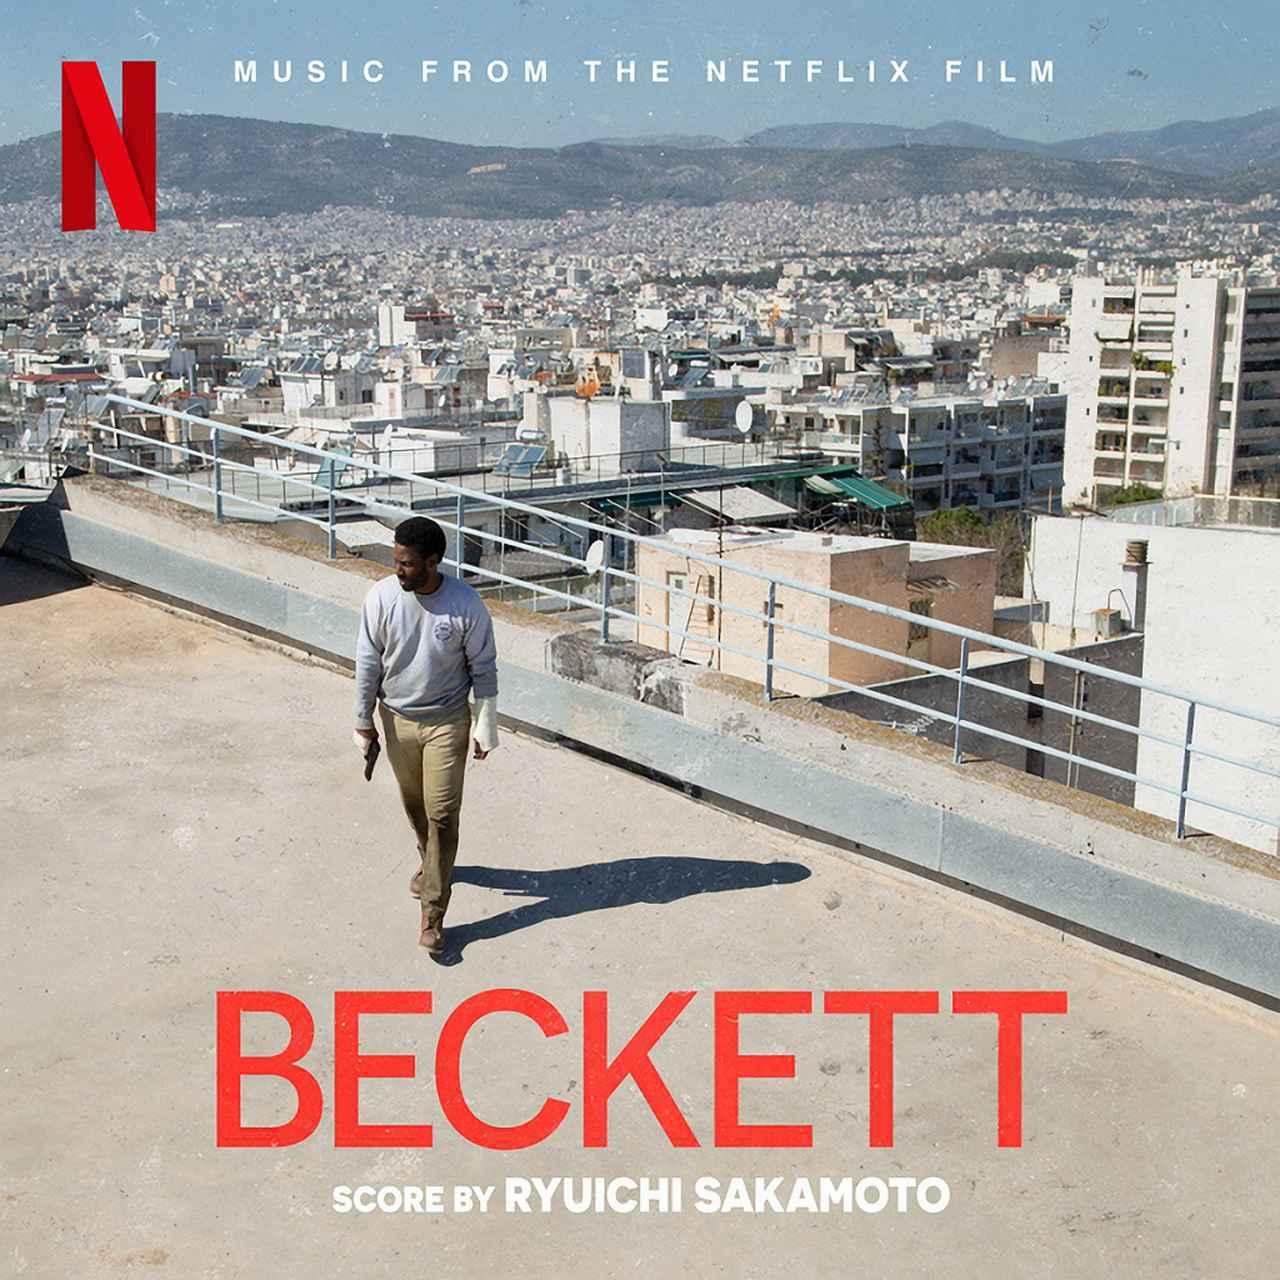 画像: オリジナル・サウンドトラック『Beckett』 / 坂本龍一